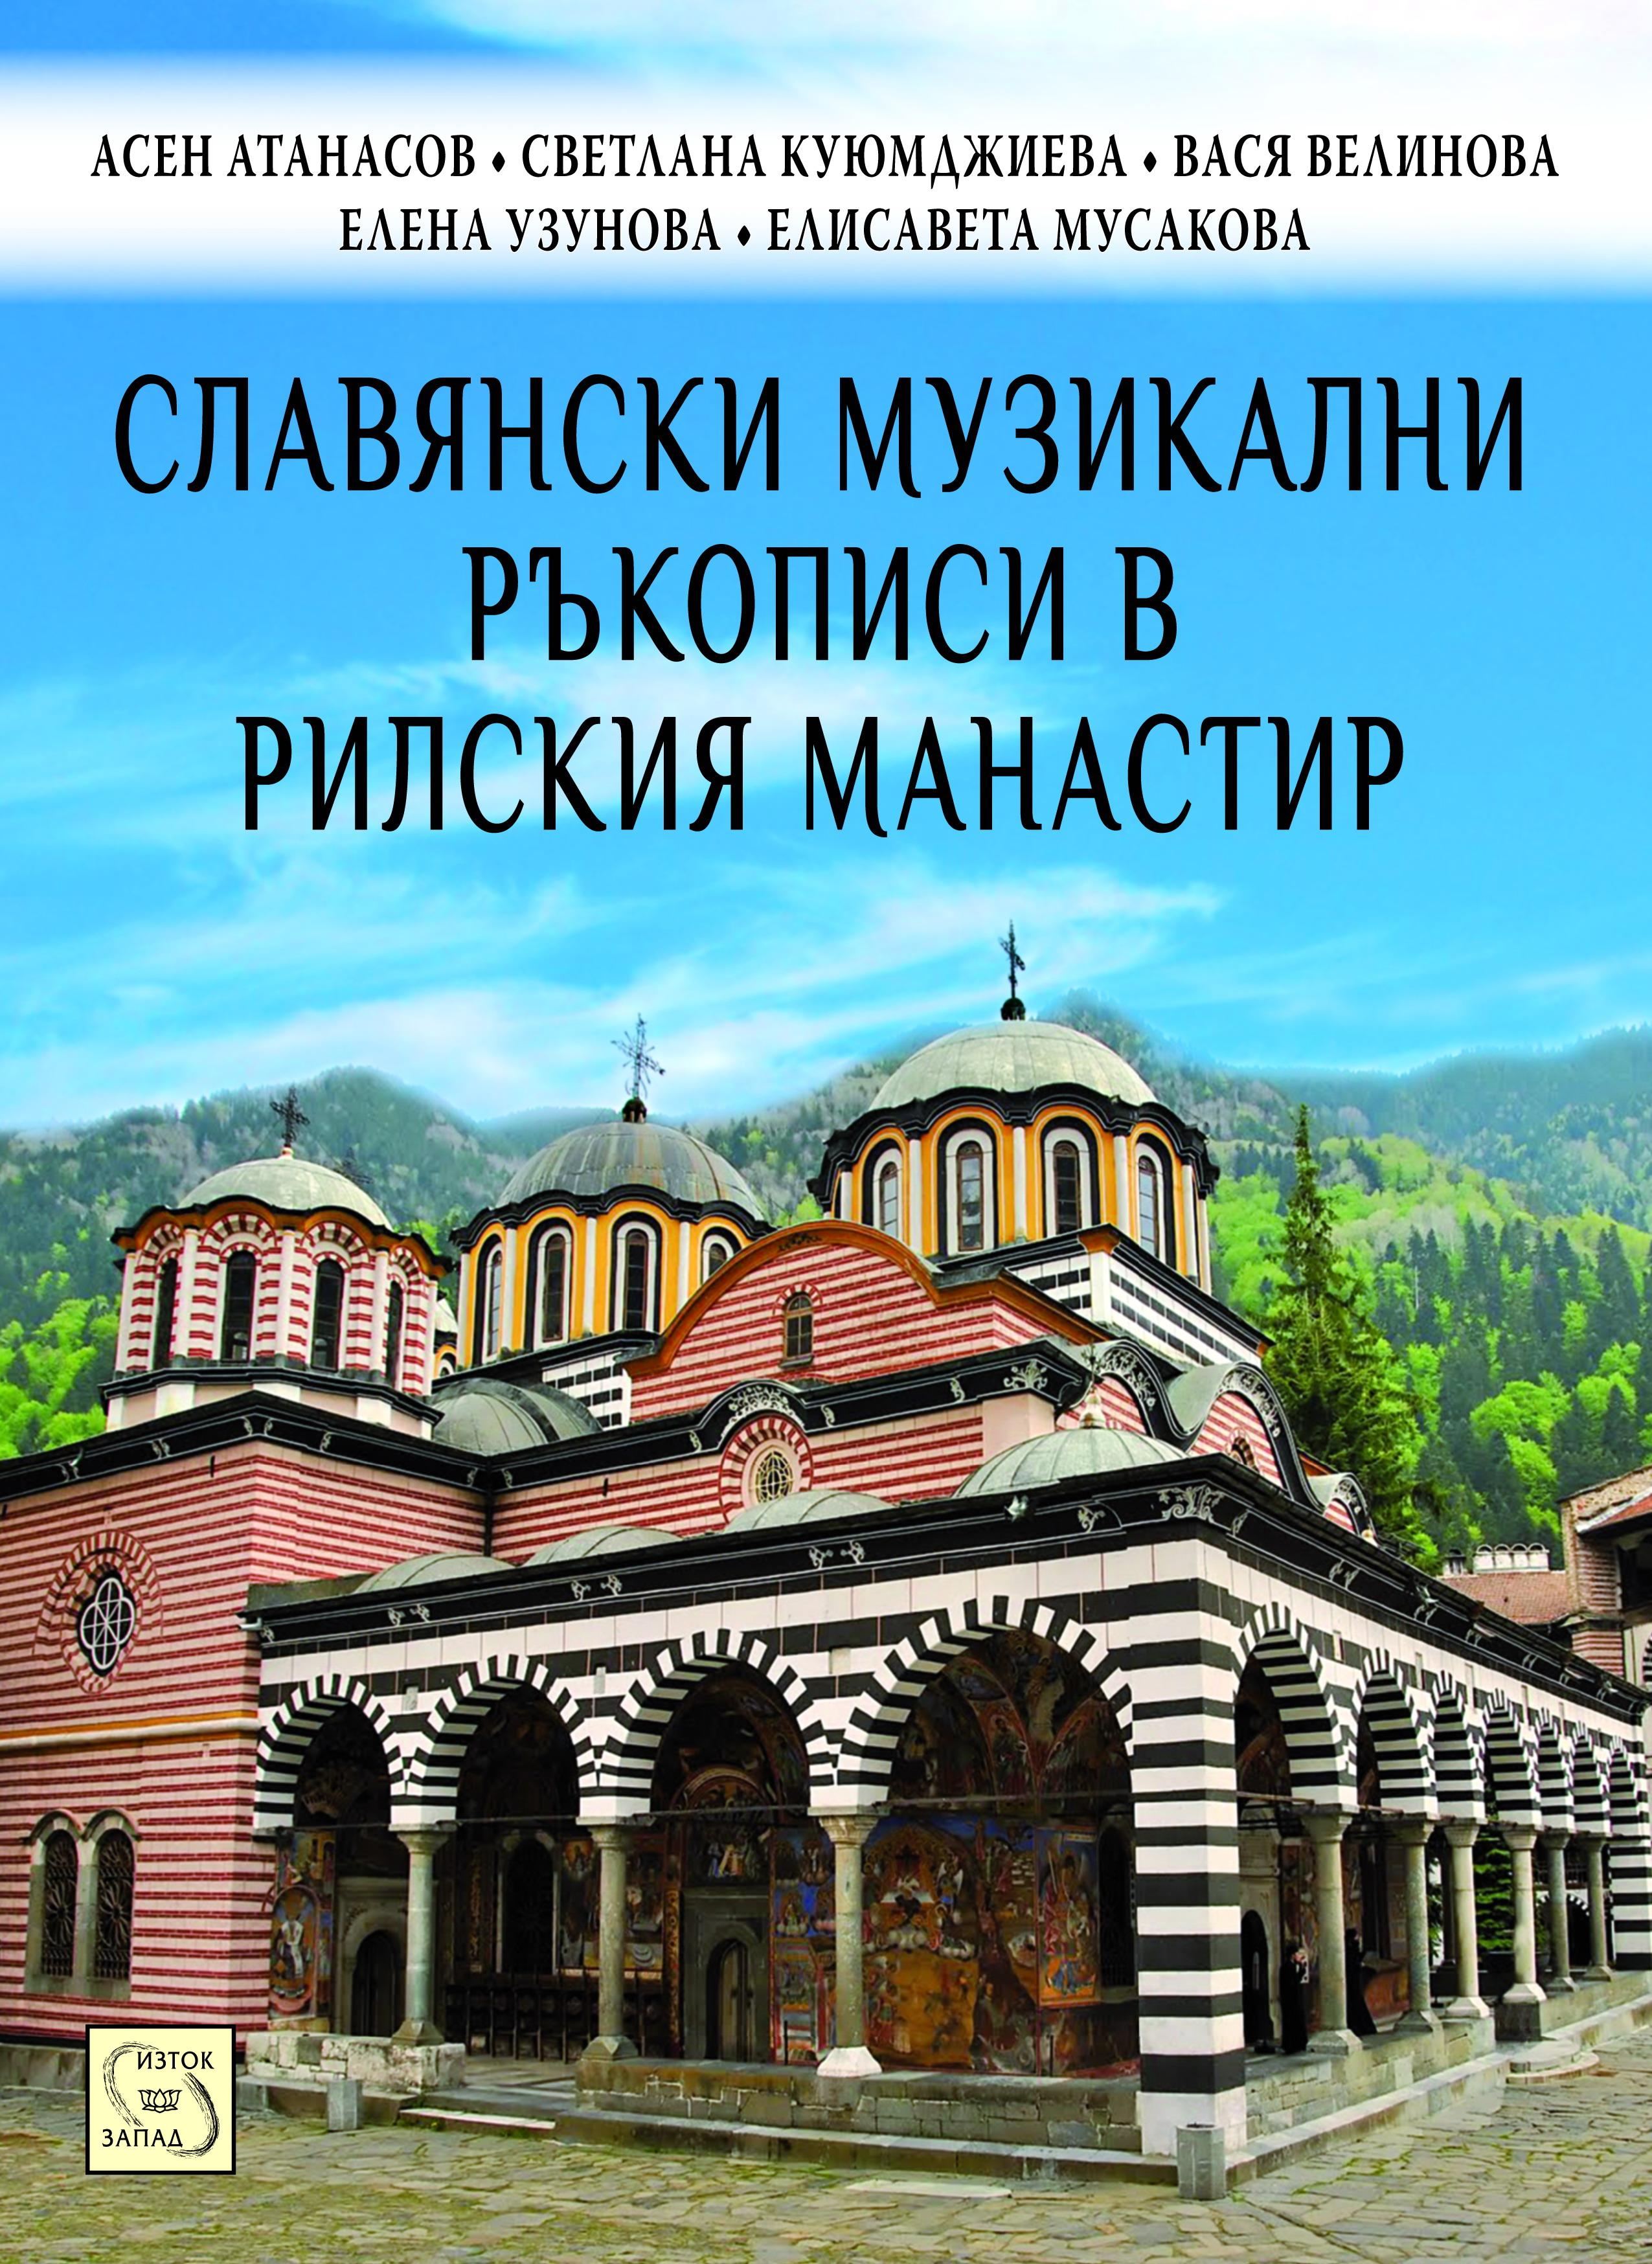 Рилският манастир разкрива богатото си културно наследство в ново и уникално издание